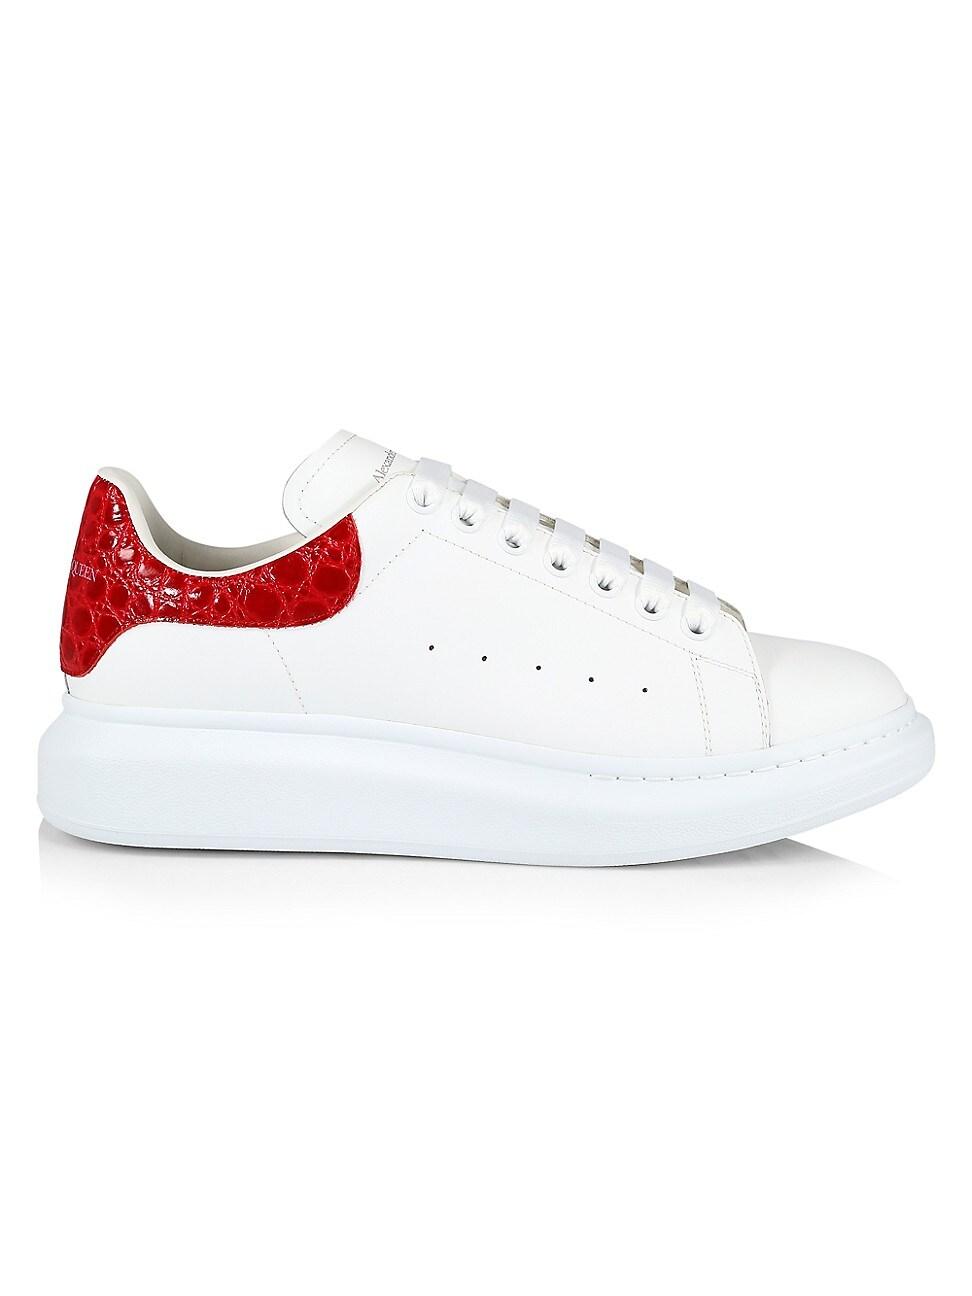 Alexander Mcqueen Men's Men's Croc-embossed Leather Platform Sneakers In White/red